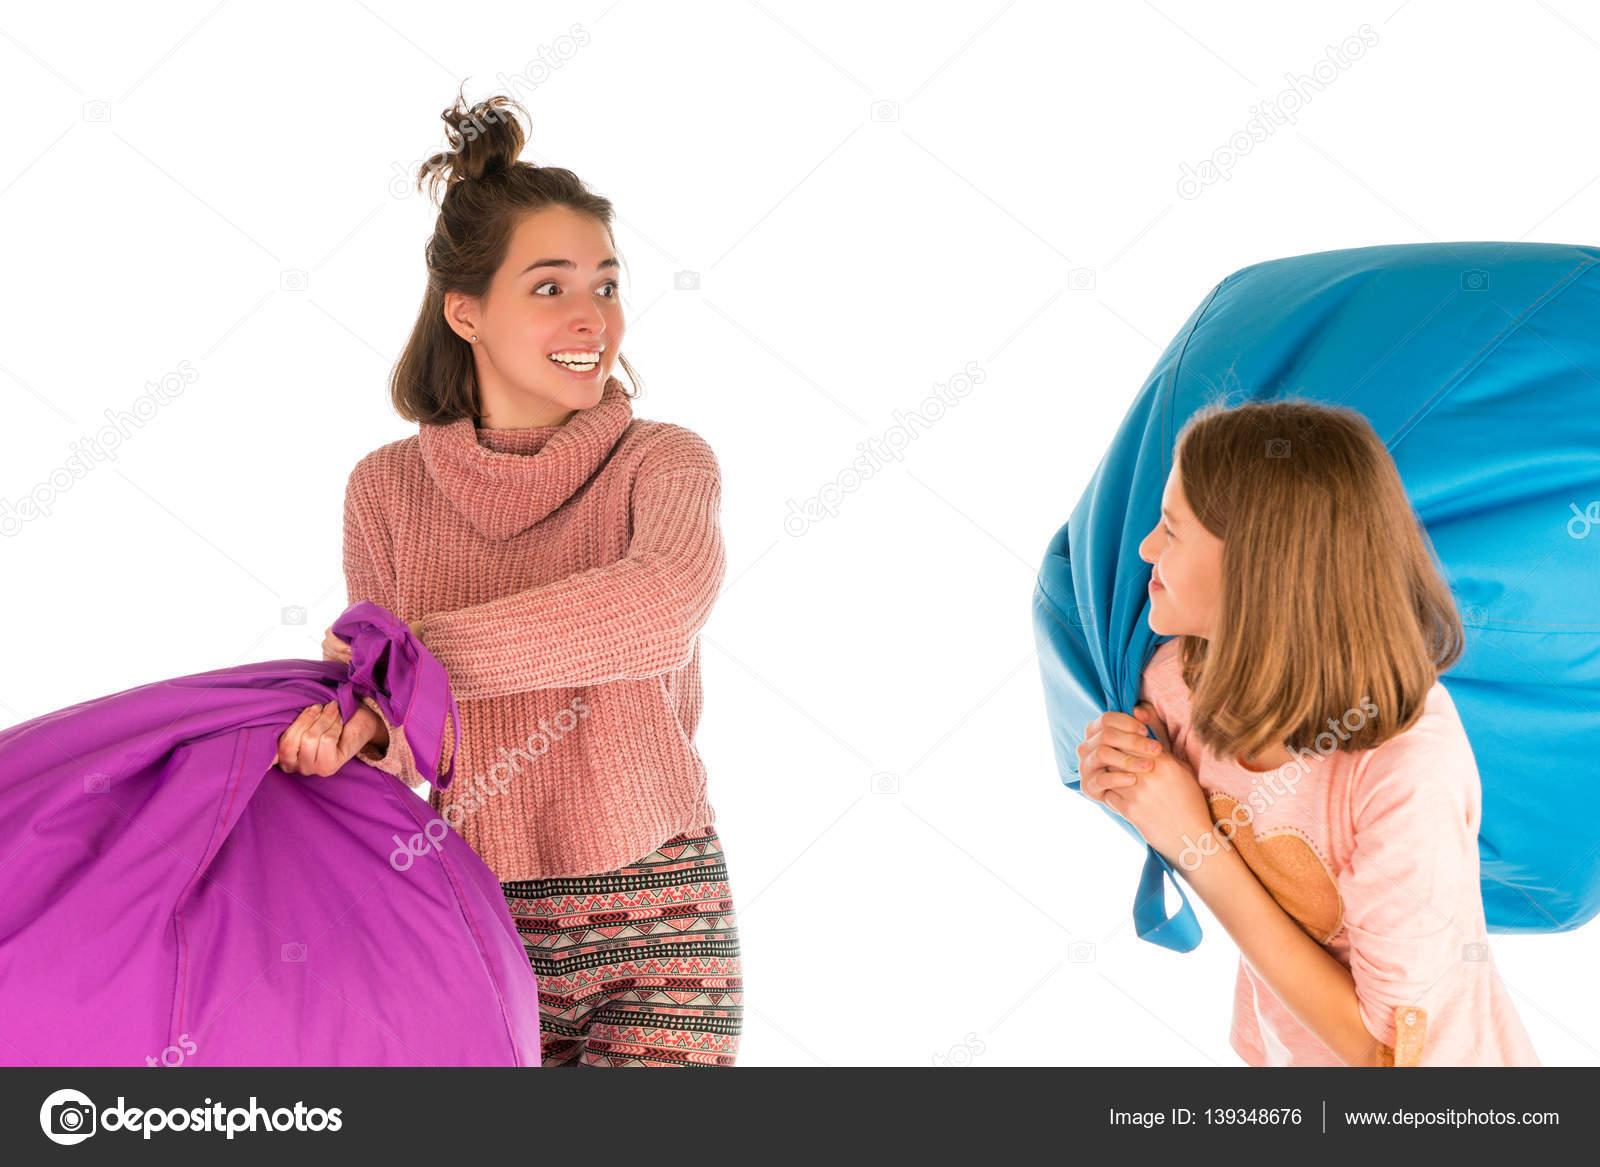 Zitzak Voor Meisjes.Grappige Meisjes Vechten Met Zitzak Stoelen Stockfoto C Vaicheslav